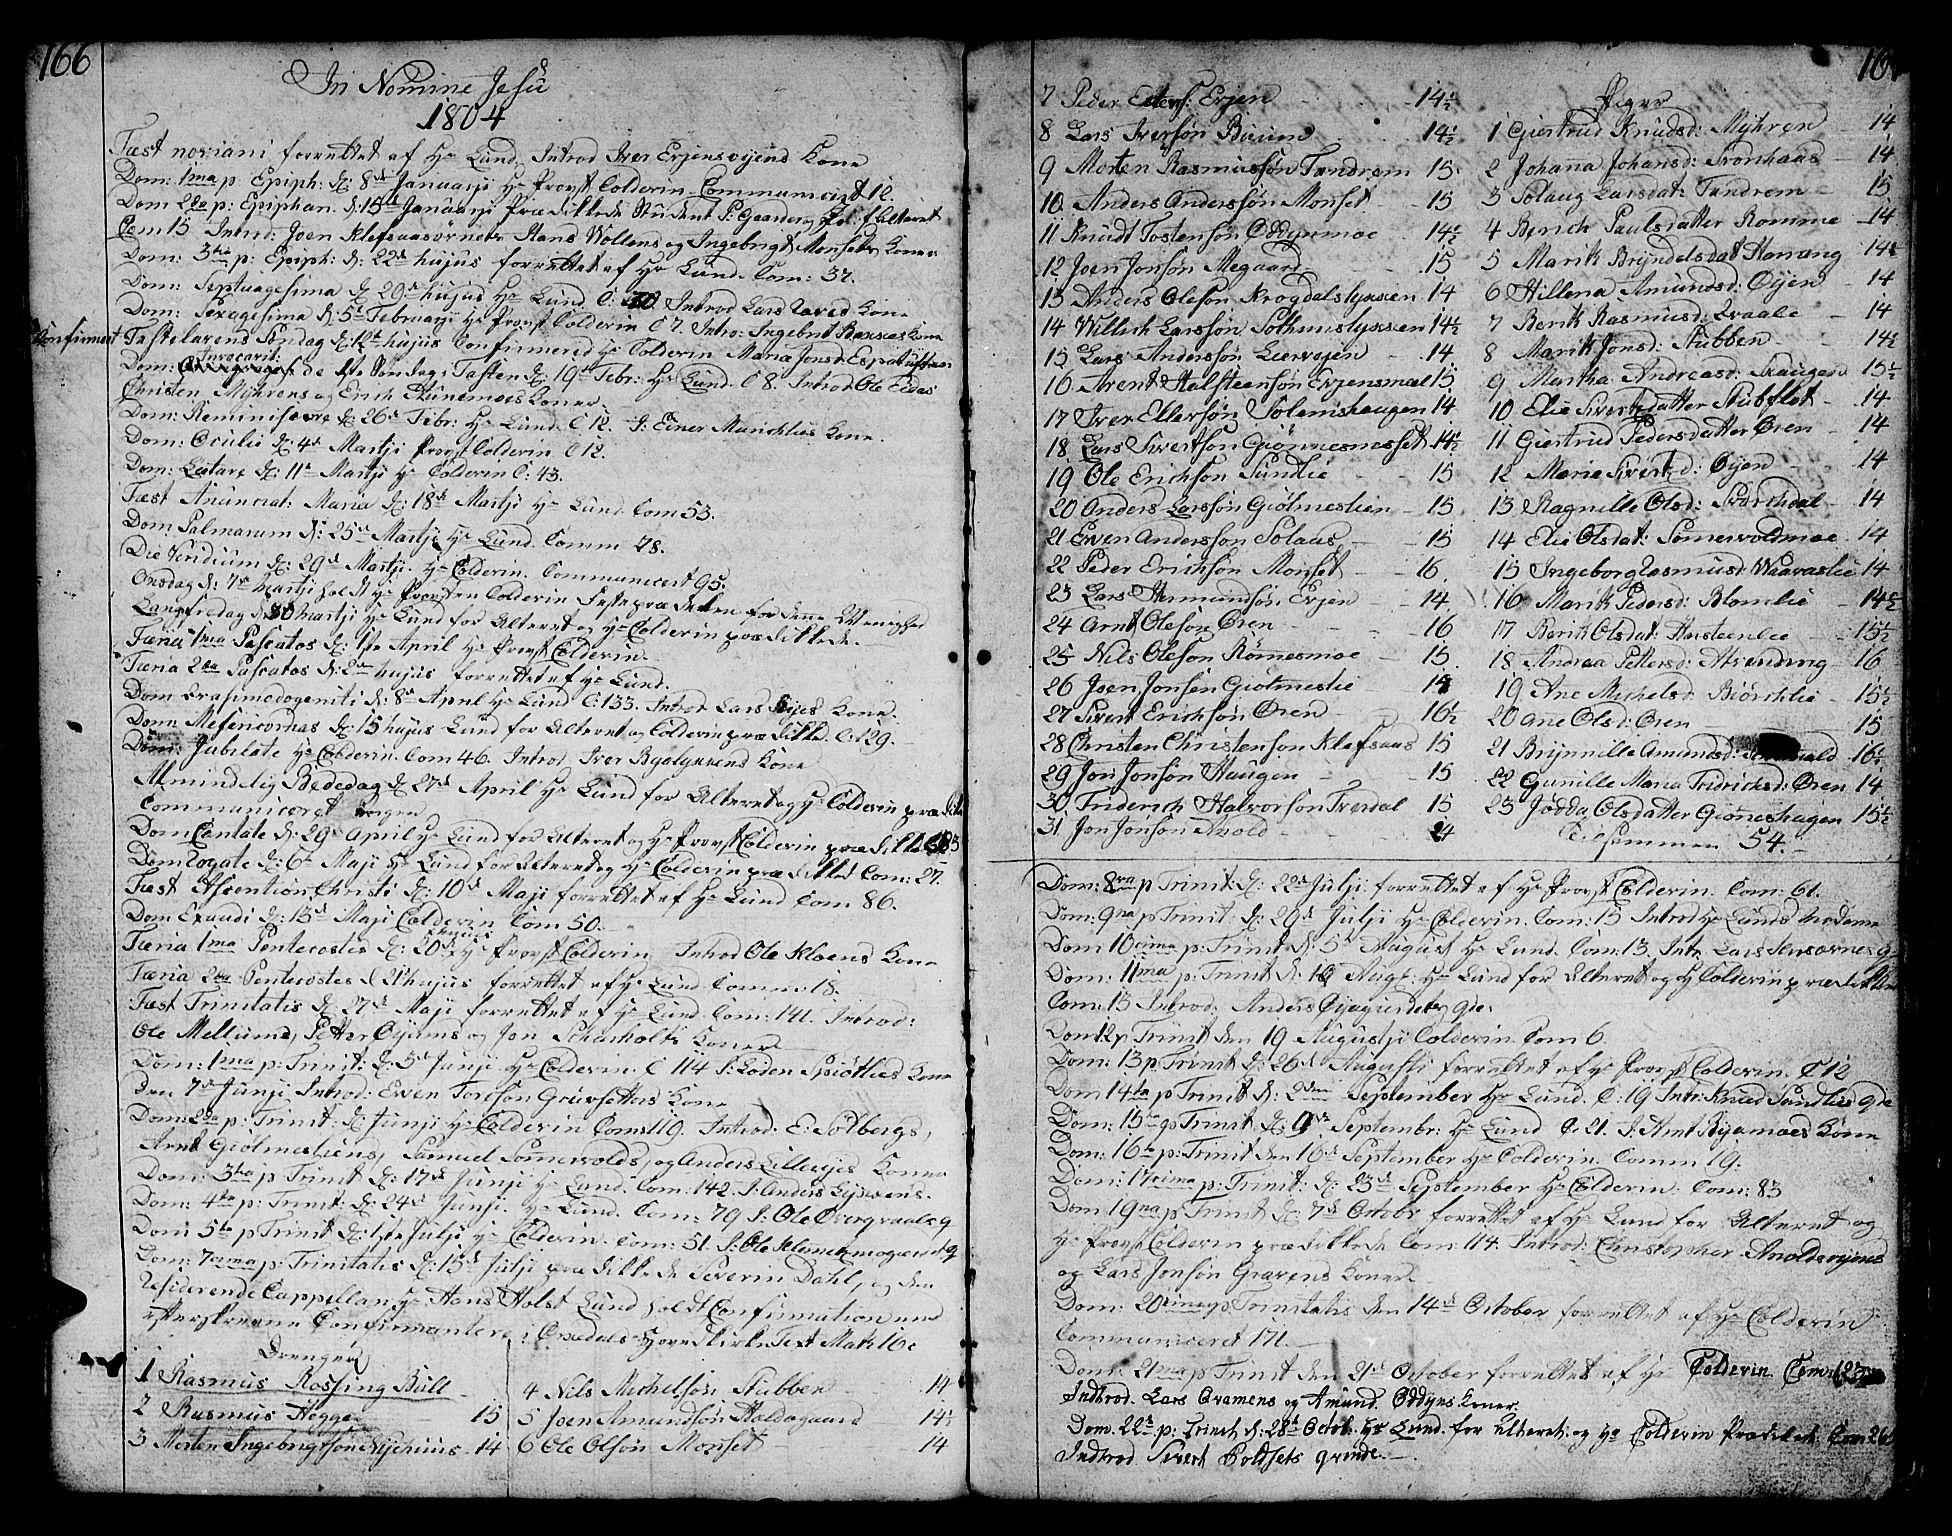 SAT, Ministerialprotokoller, klokkerbøker og fødselsregistre - Sør-Trøndelag, 668/L0815: Klokkerbok nr. 668C04, 1791-1815, s. 166-167